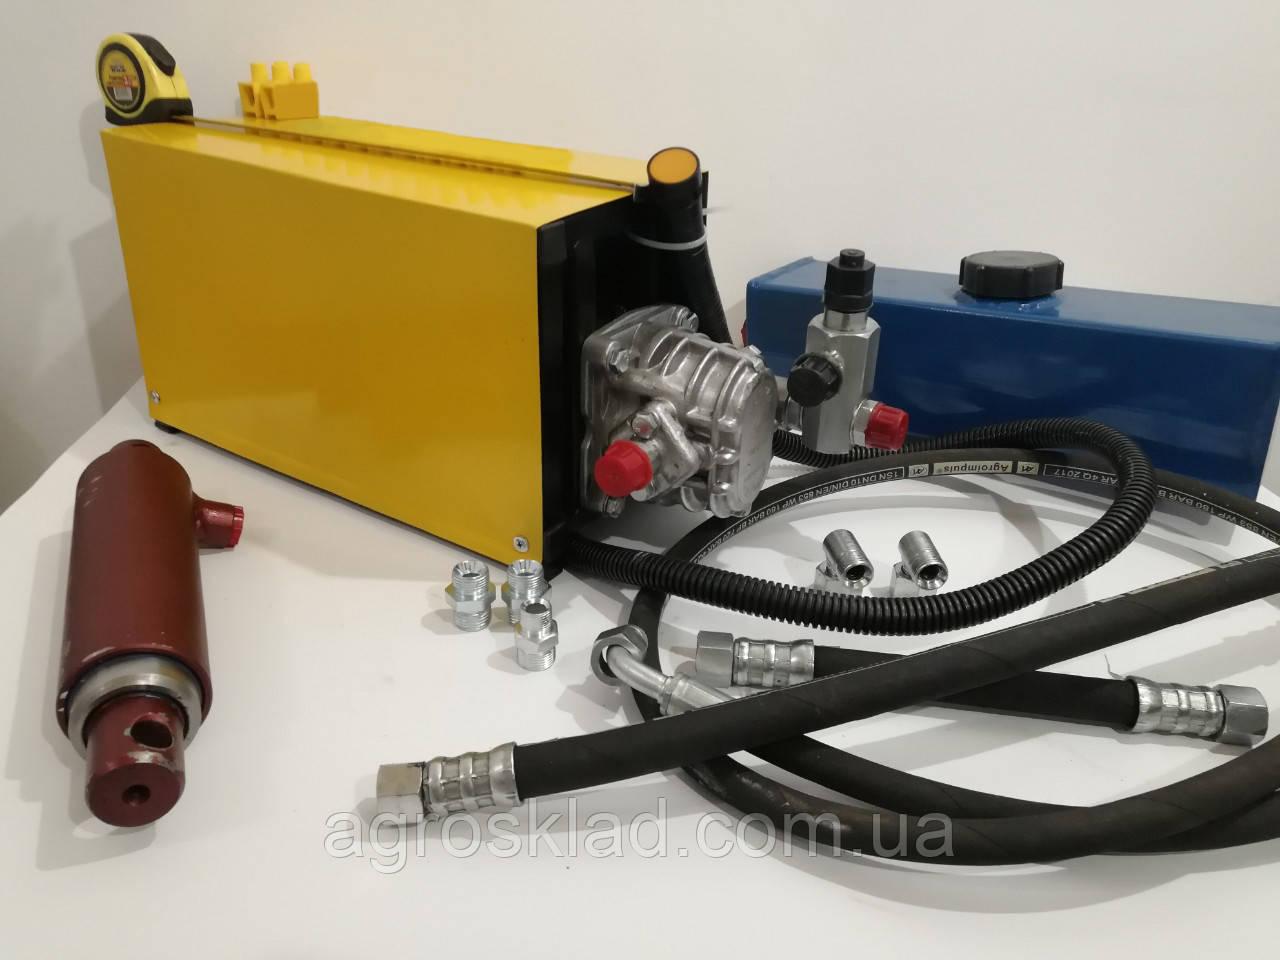 Комплект гидравлики для автомобильных прицепов